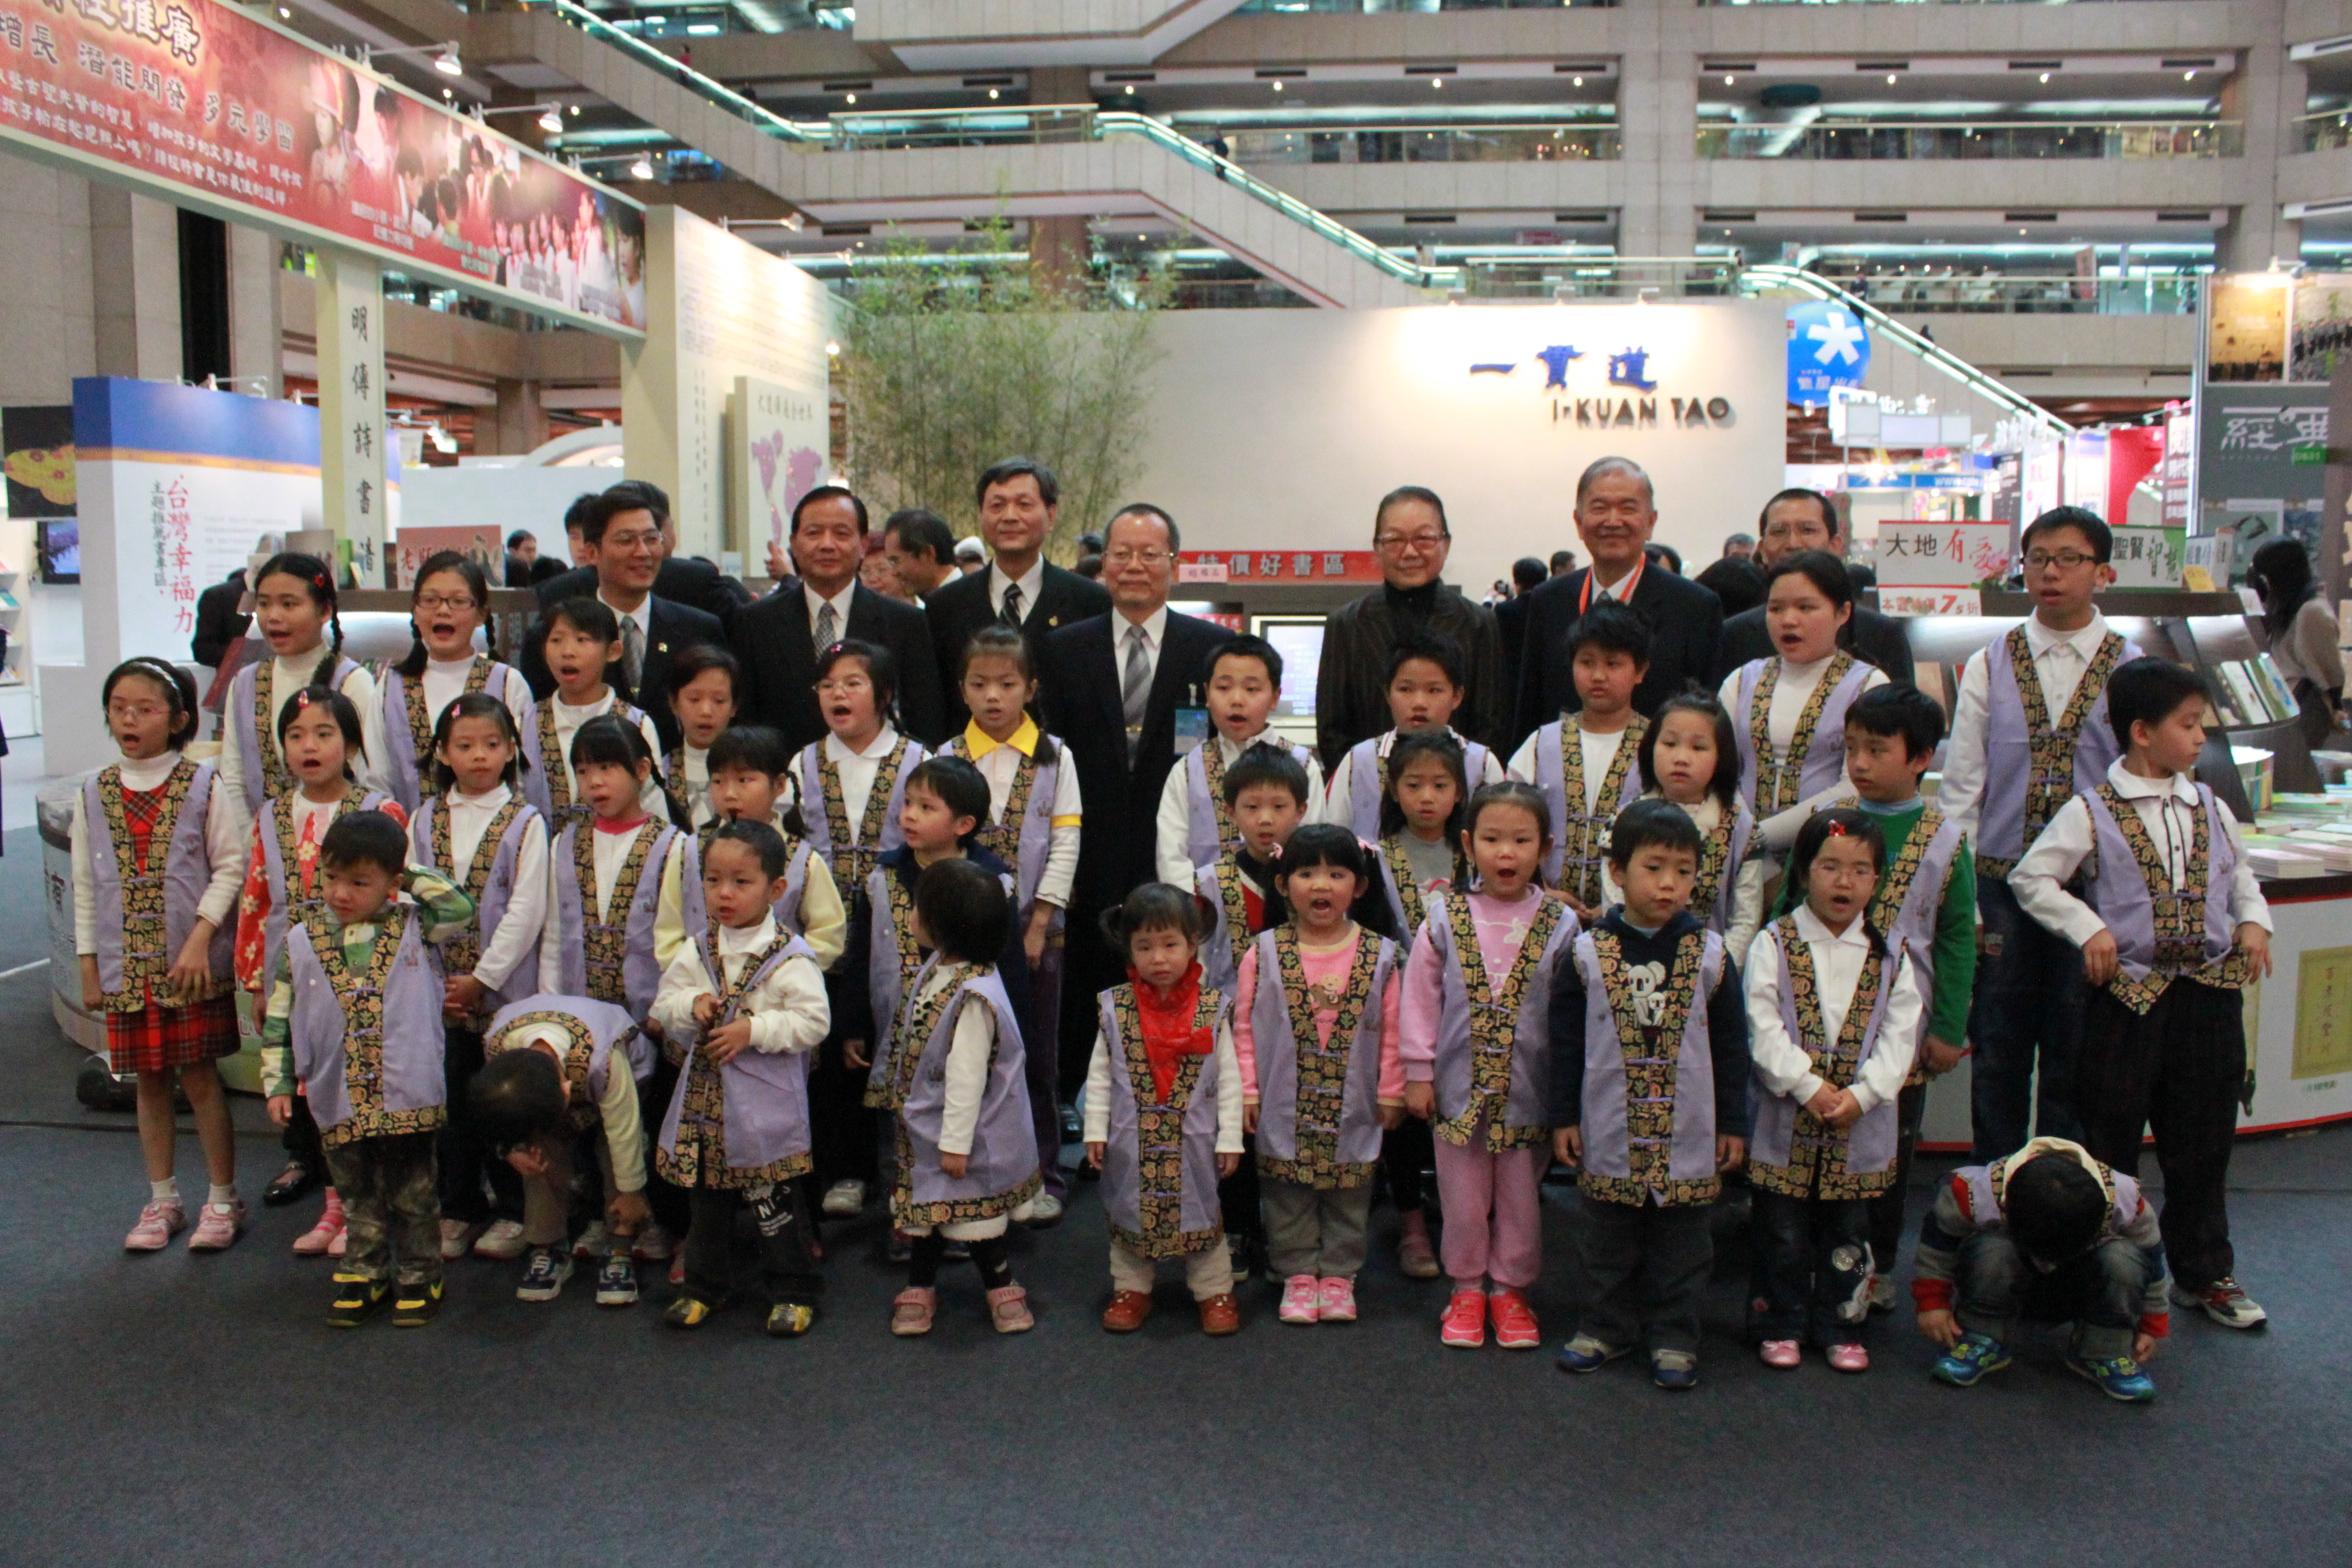 台北世貿國際書展一貫道展區 2011.02.09~14